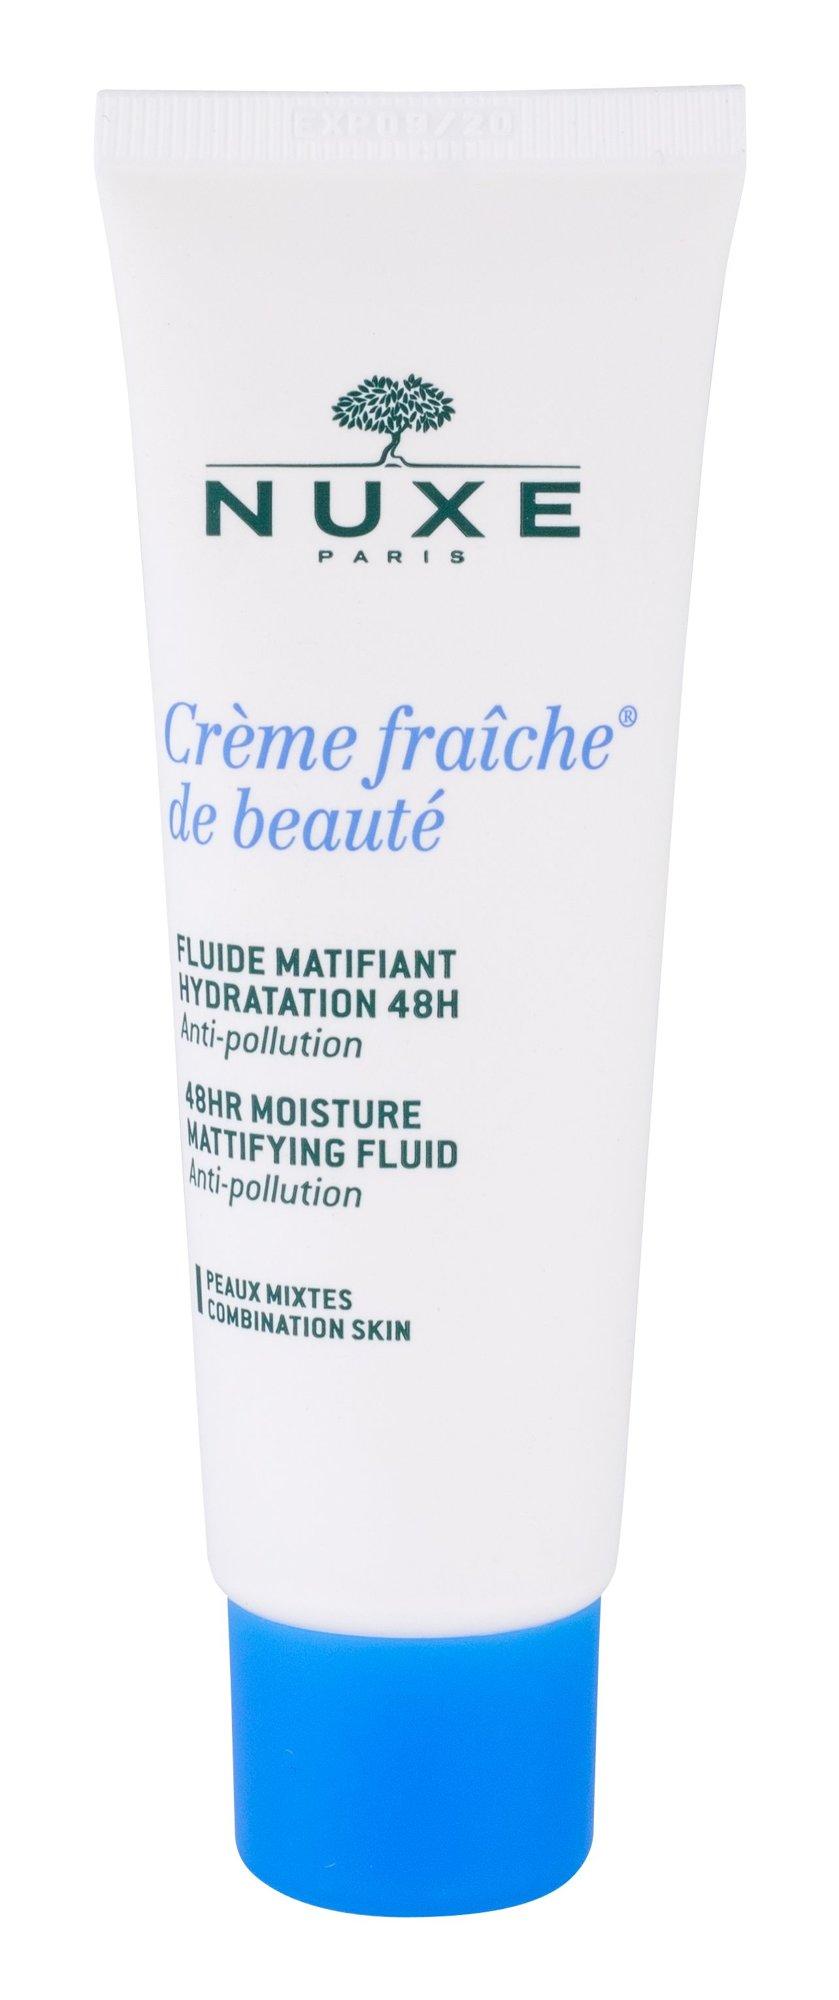 NUXE Creme Fraiche de Beauté Day Cream 50ml